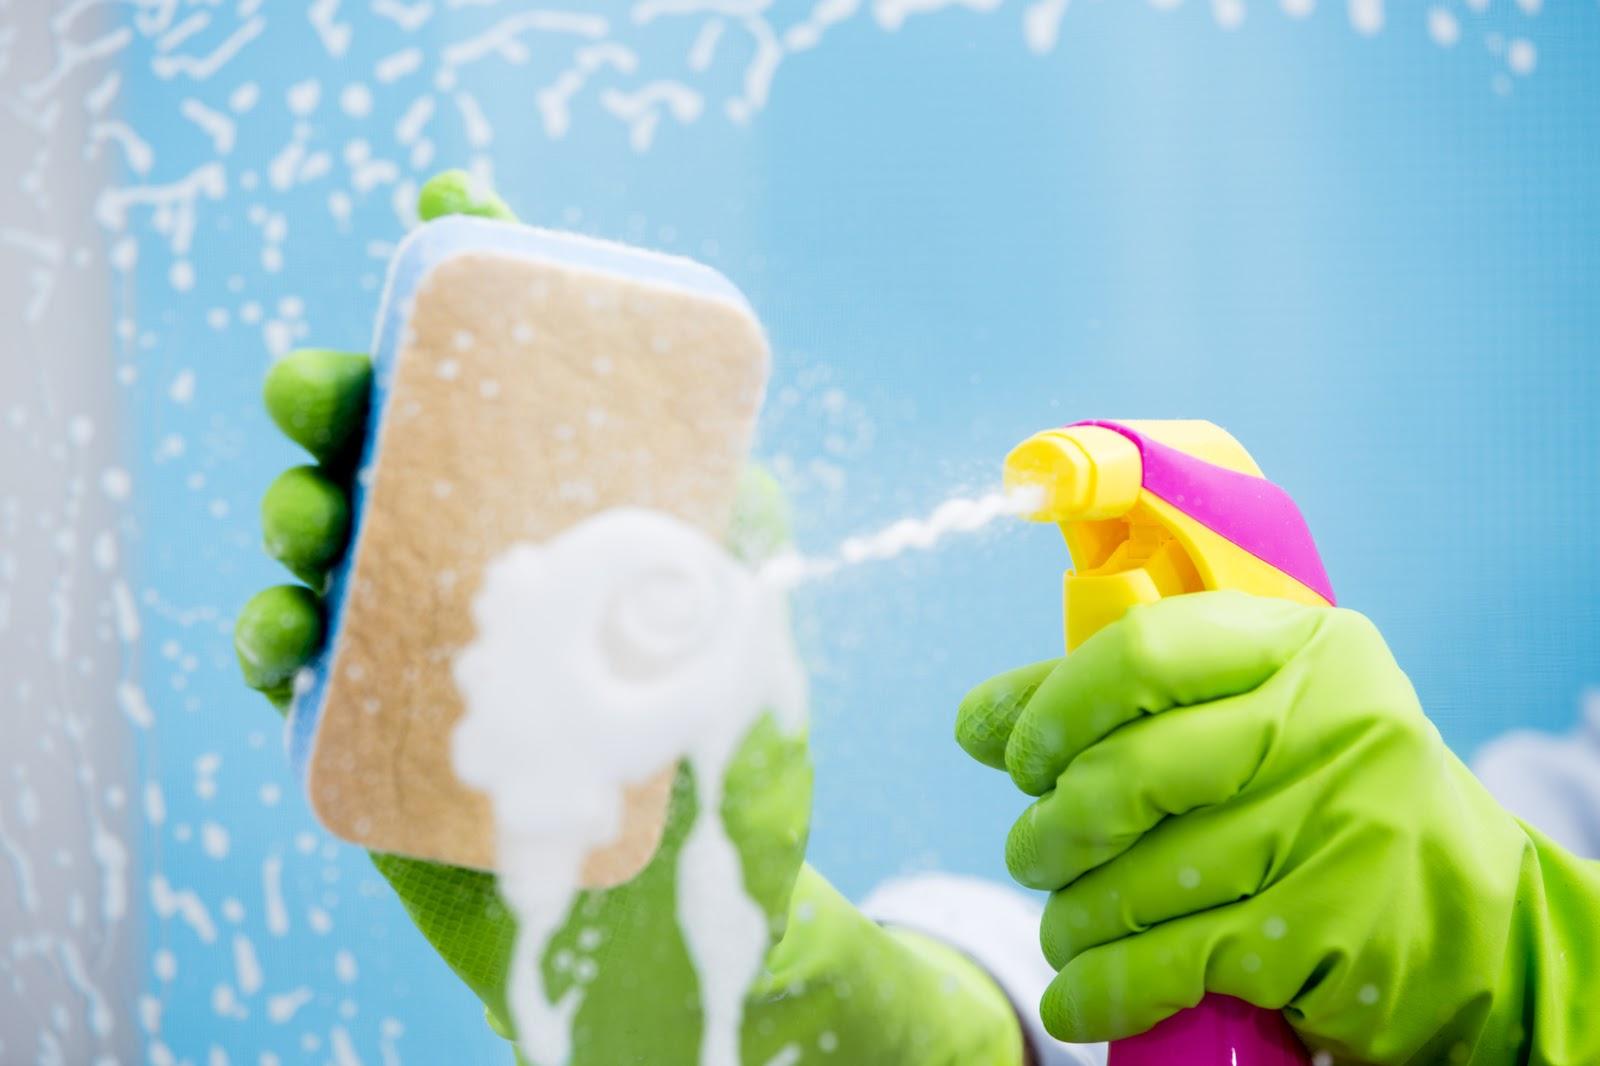 Hogar diez c mo limpiar los cristales de tu hogar - Casa de limpieza ...